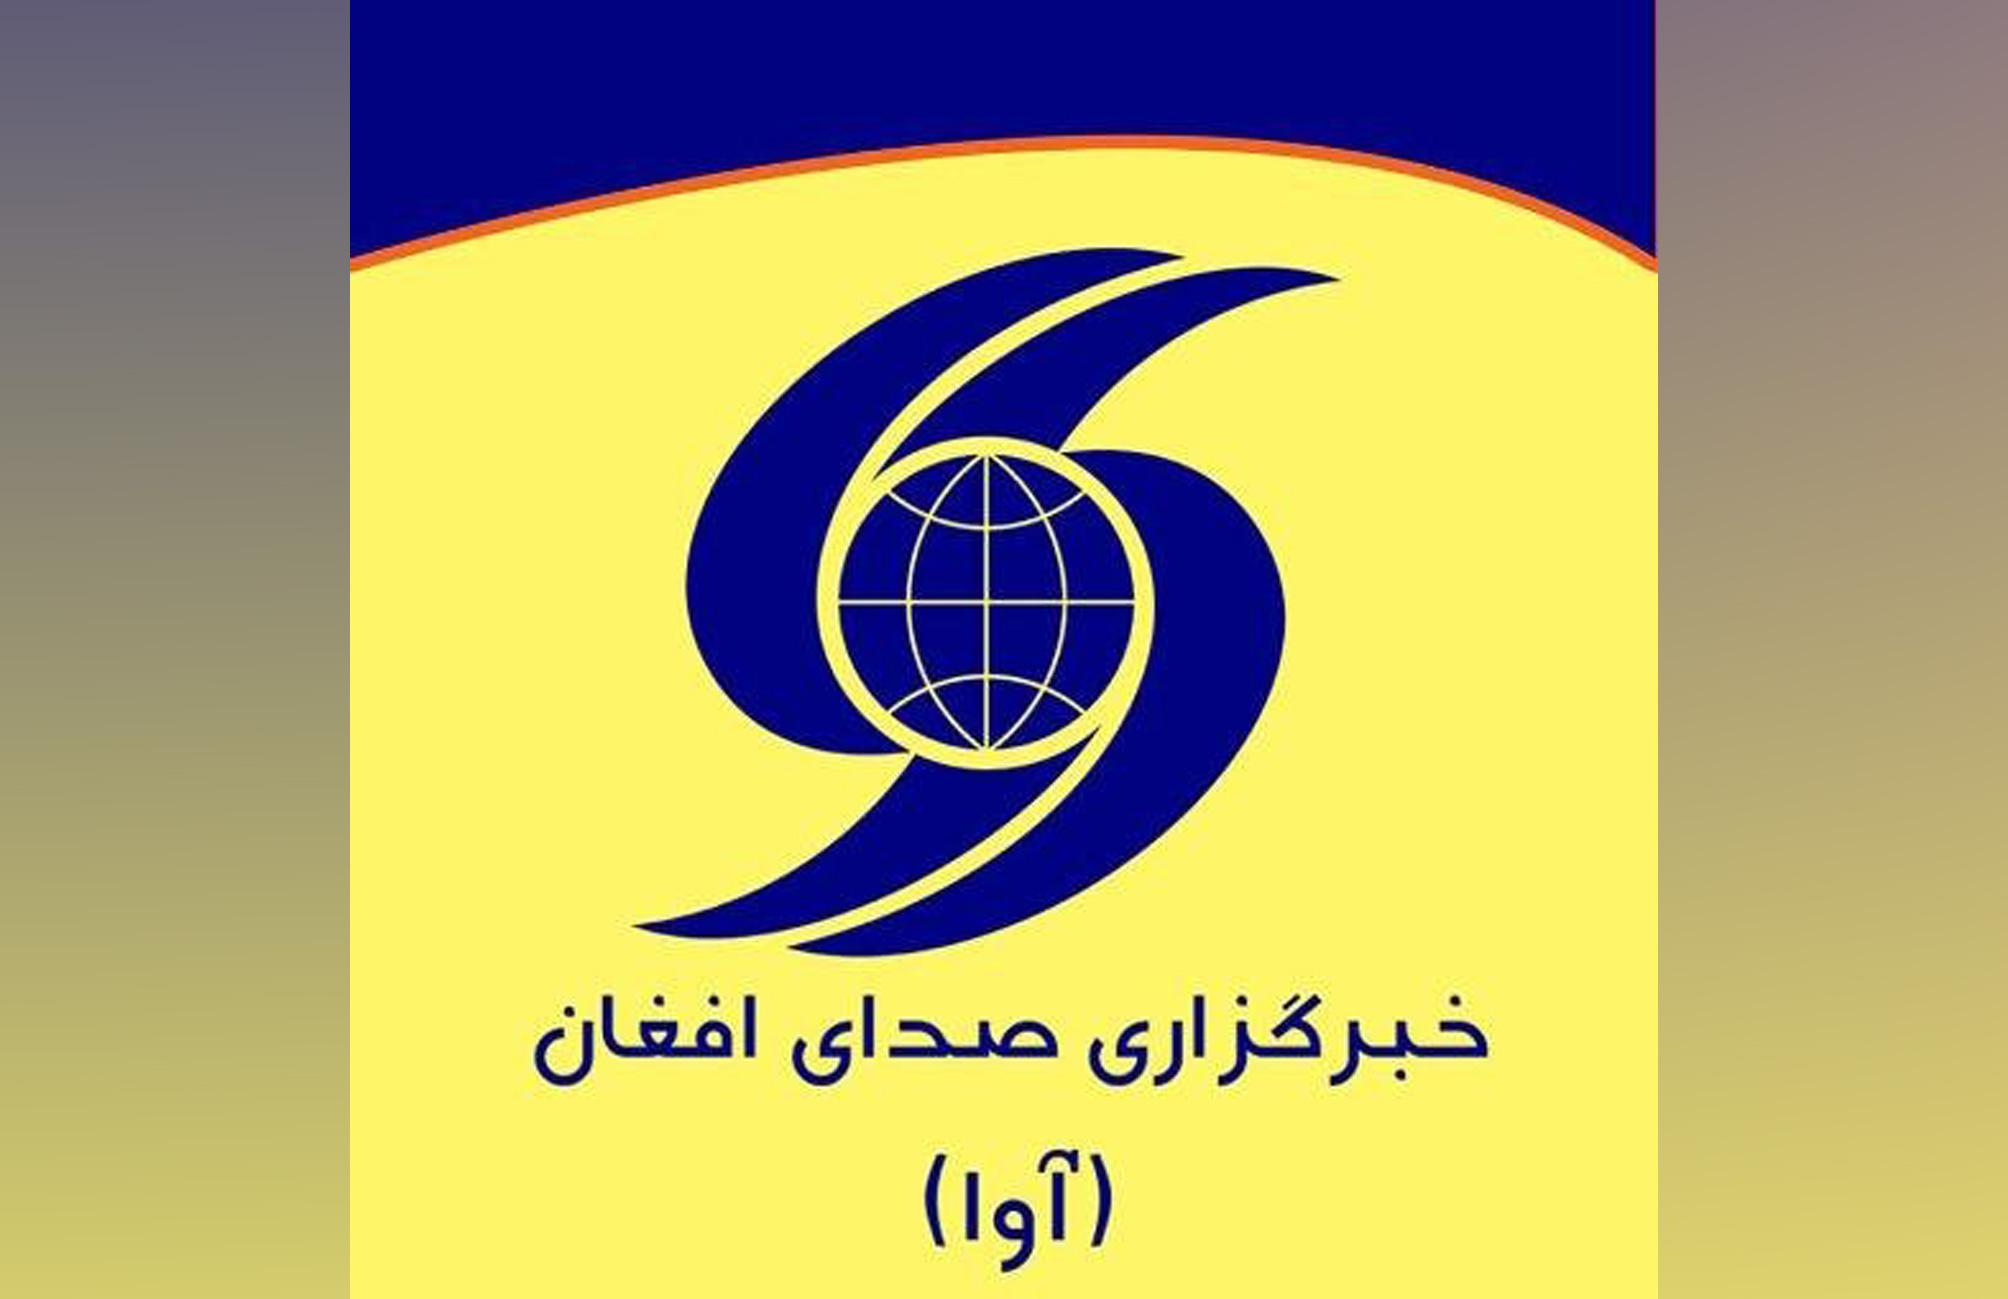 کتاب واکاوی گفتمان رسمی ظهور دولت در افغانستان منتشر شد